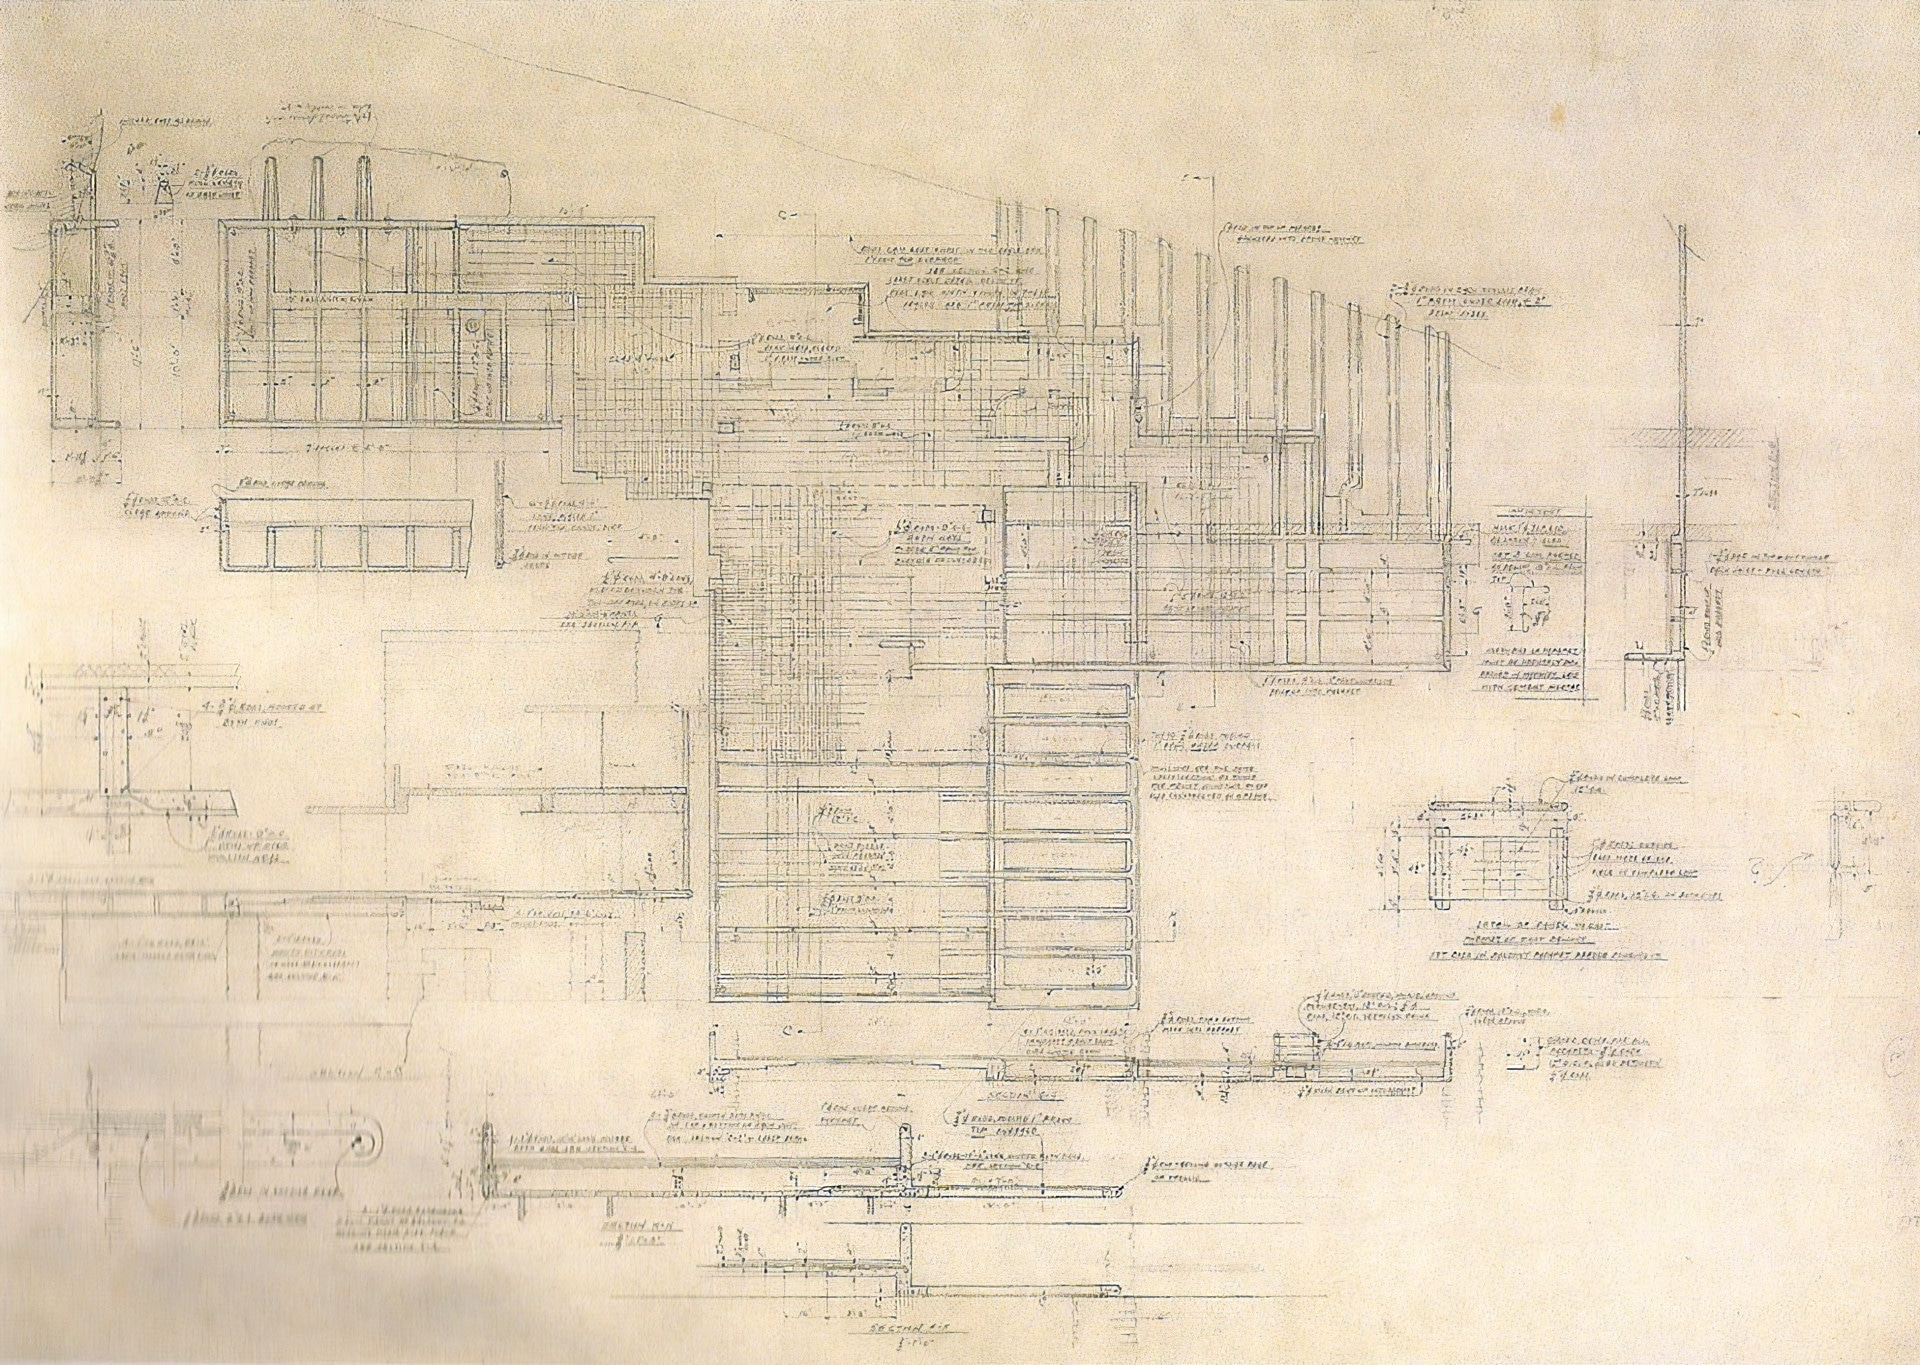 Maison sur la cascade - Frank Lloyd Wright | Le vagabond des étoiles